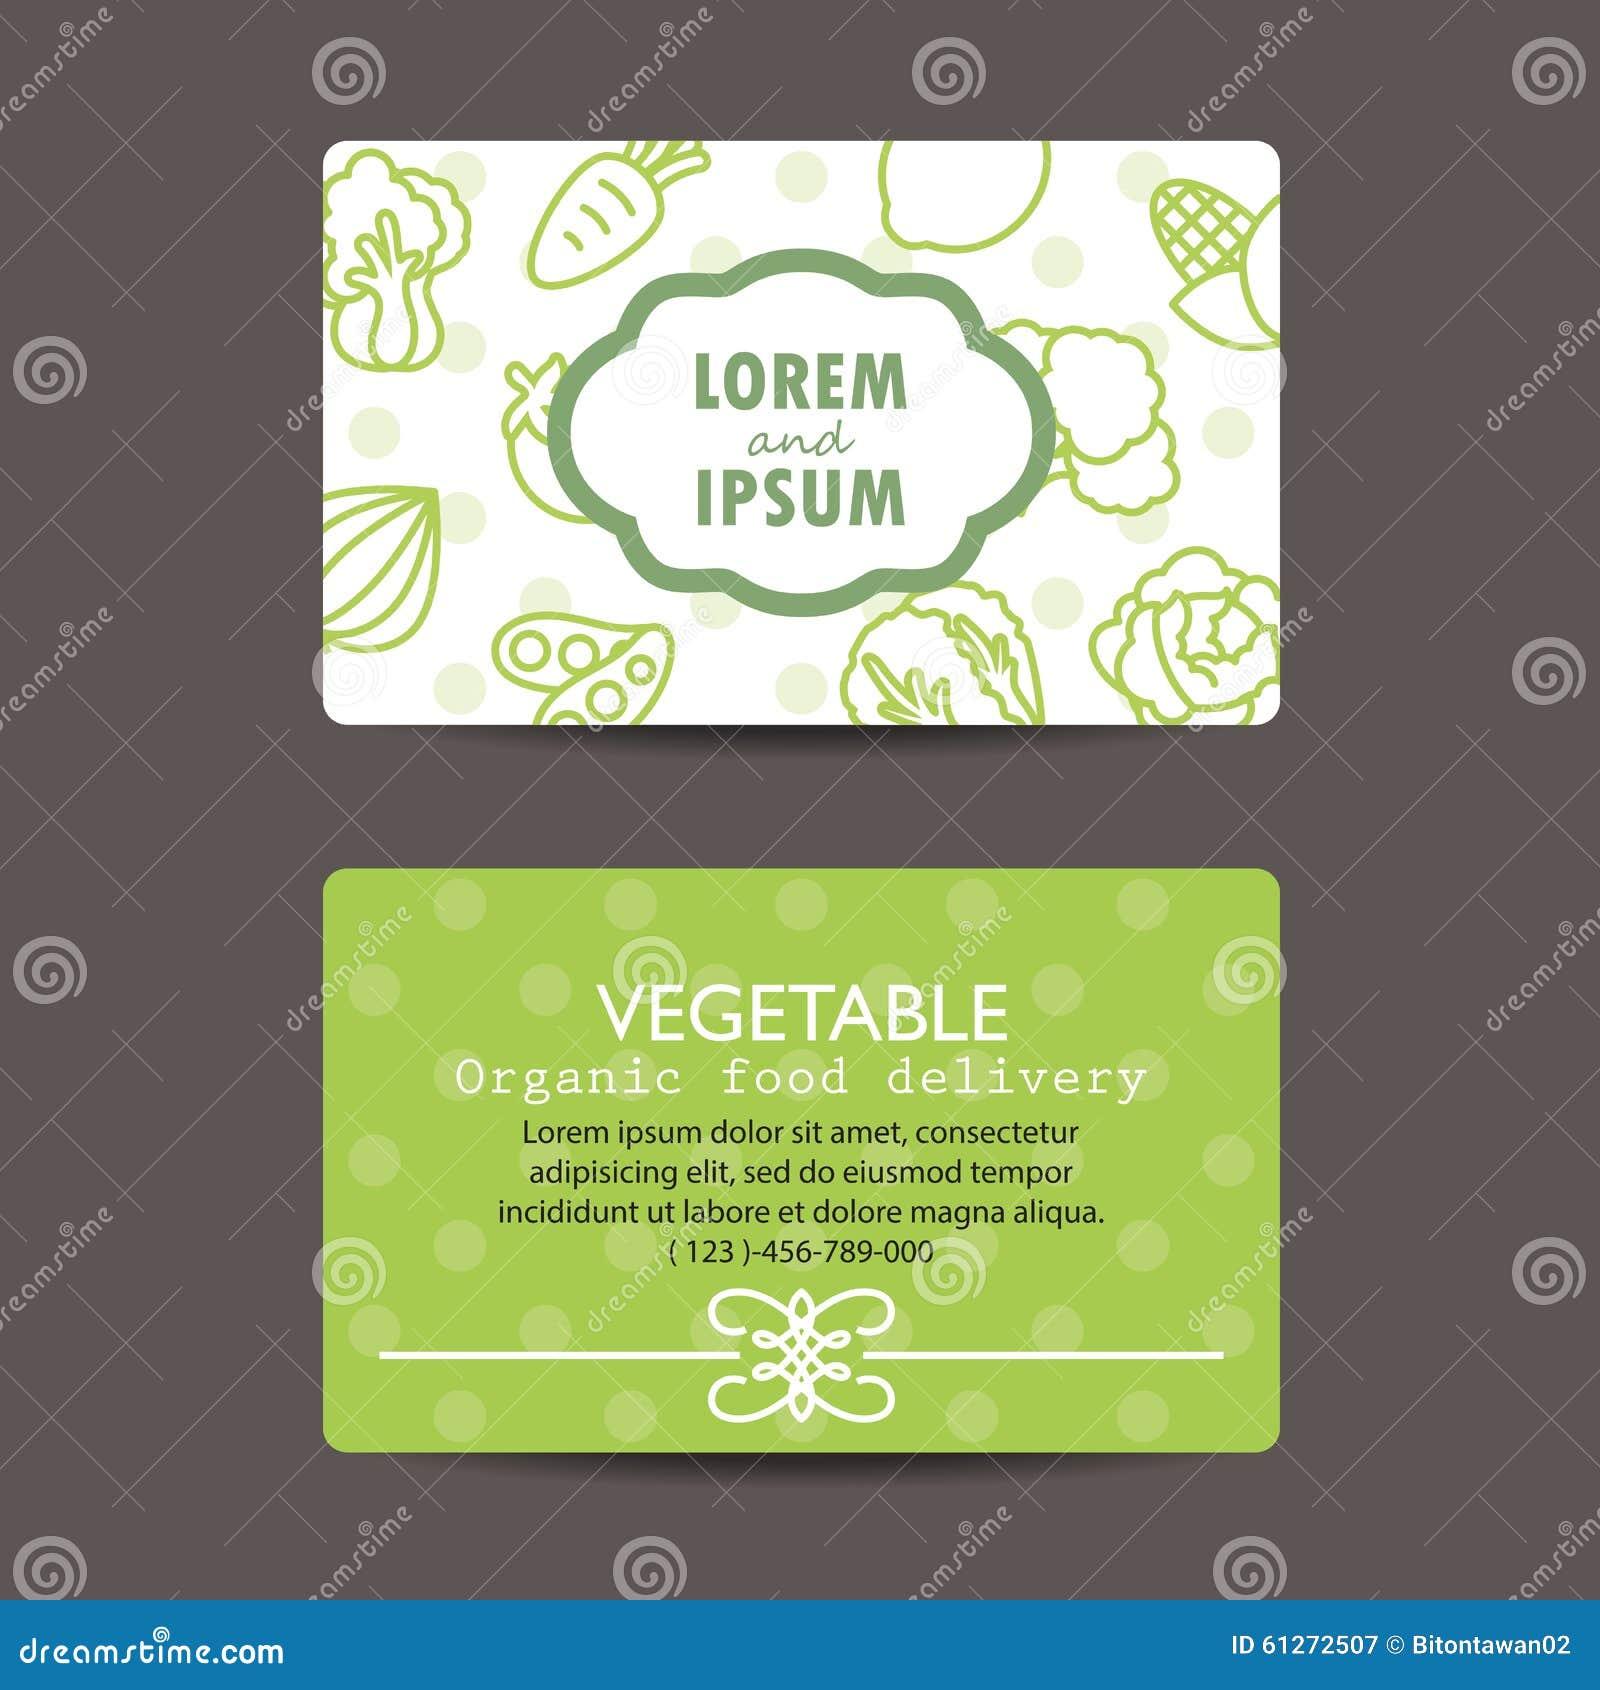 Carte De Visite Professionnelle D Apercu L Impression Legumes Organiques Frais